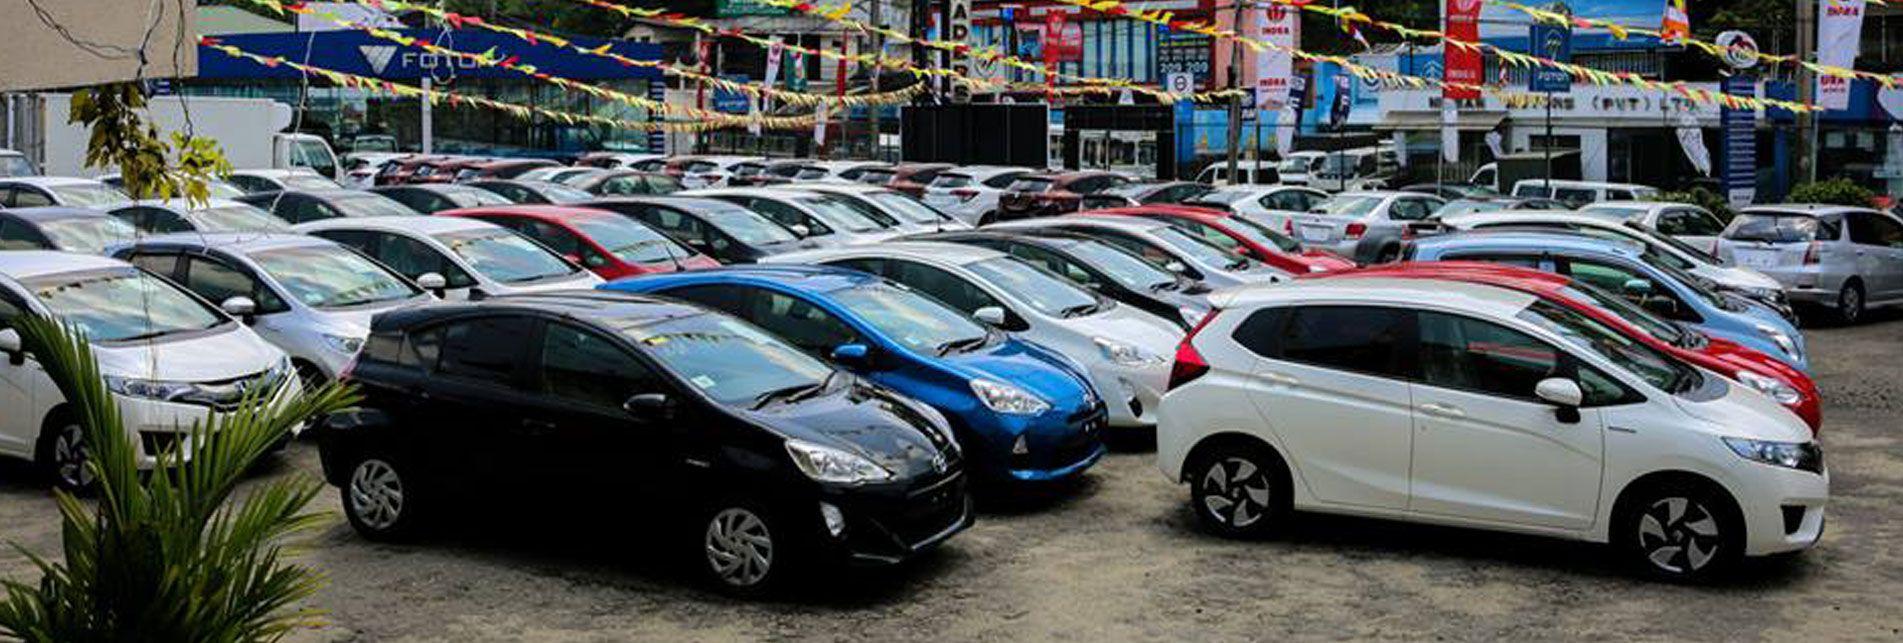 car sales sri lanka Car, Cars for sale, Motor car